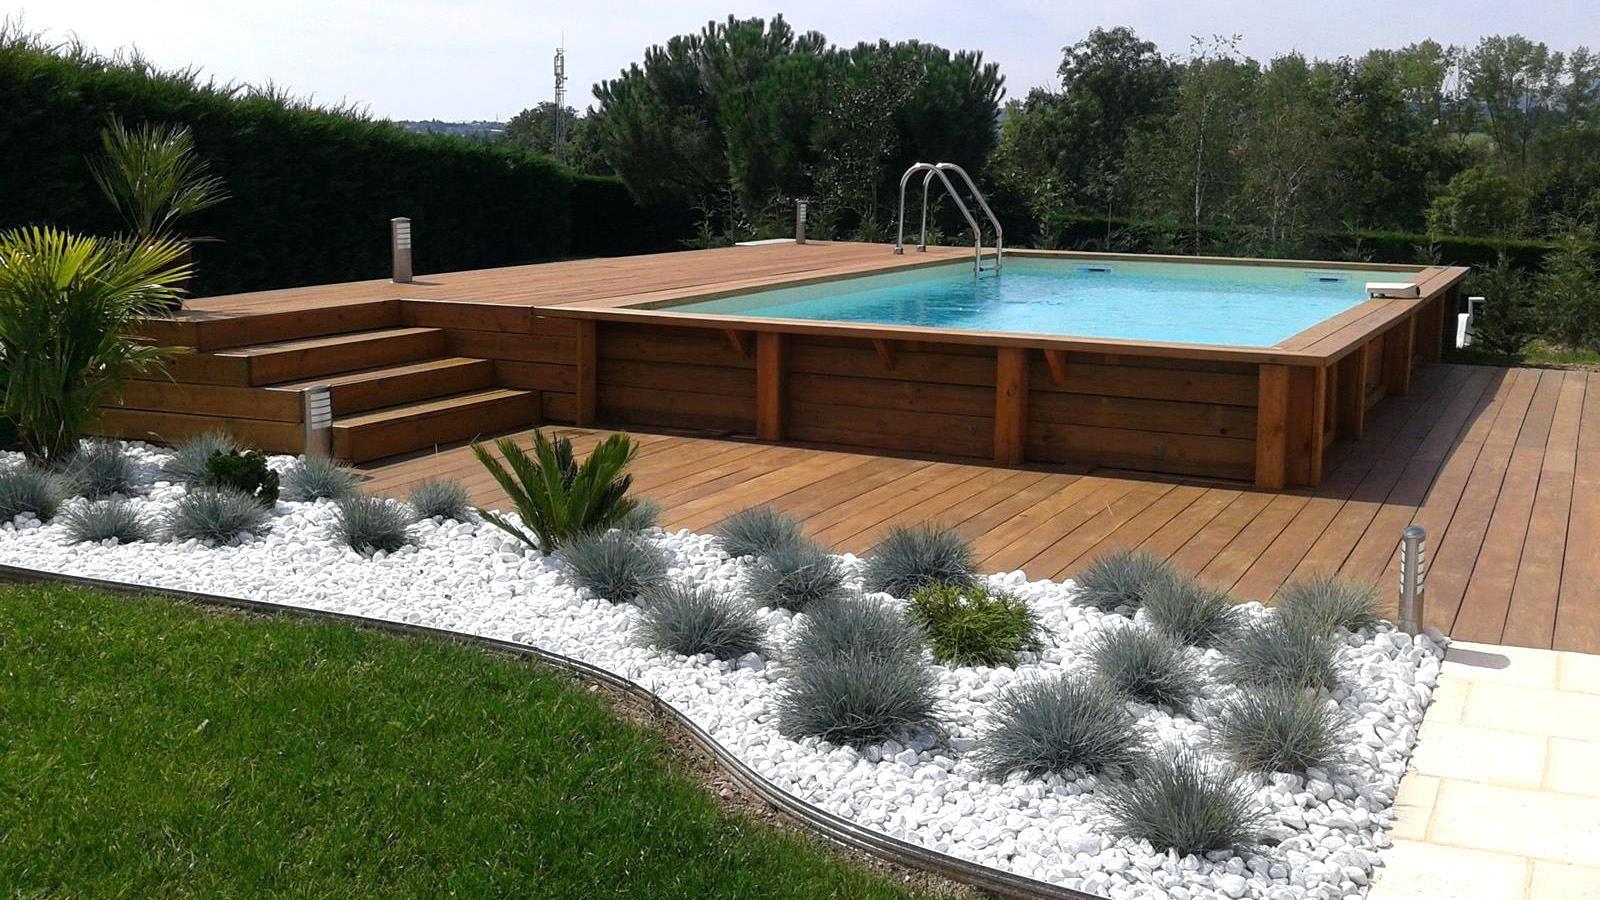 Terrasse Bois Piscine Hors Sol Et Enterrace Exemple Chantier ... à Solde Piscine Hors Sol